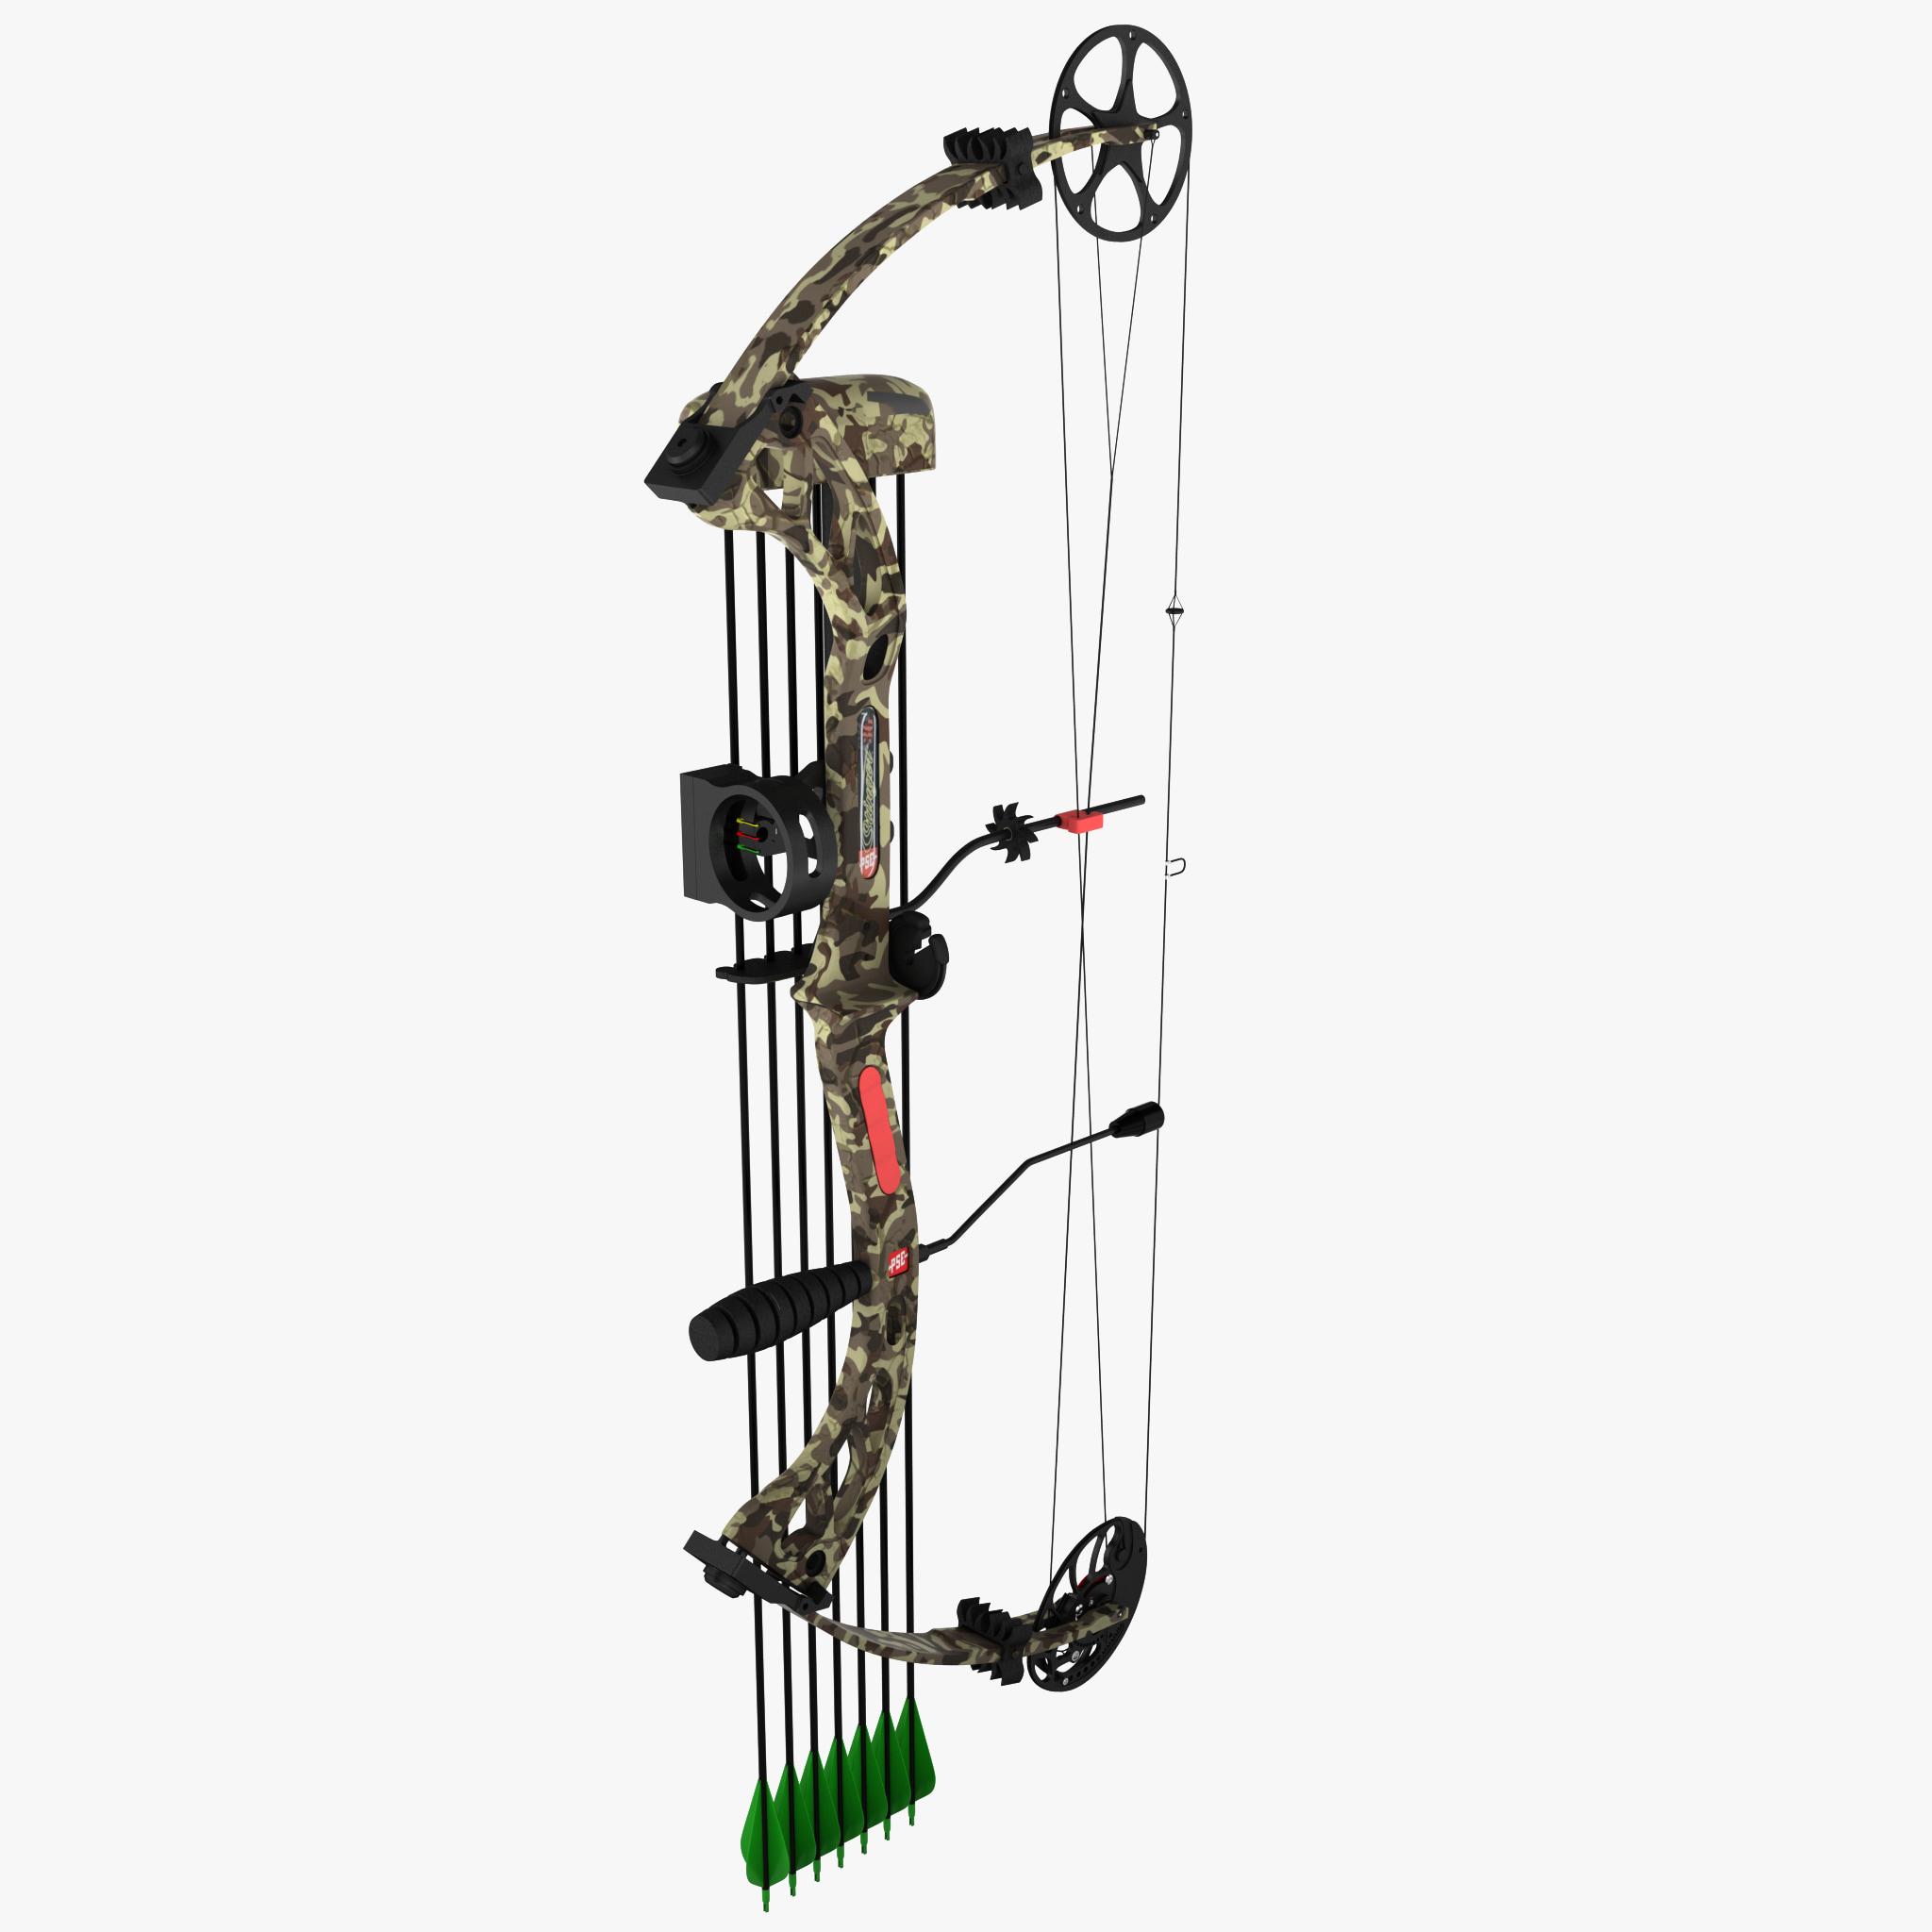 Compound Bow PSE Stinger 3G_1.jpg